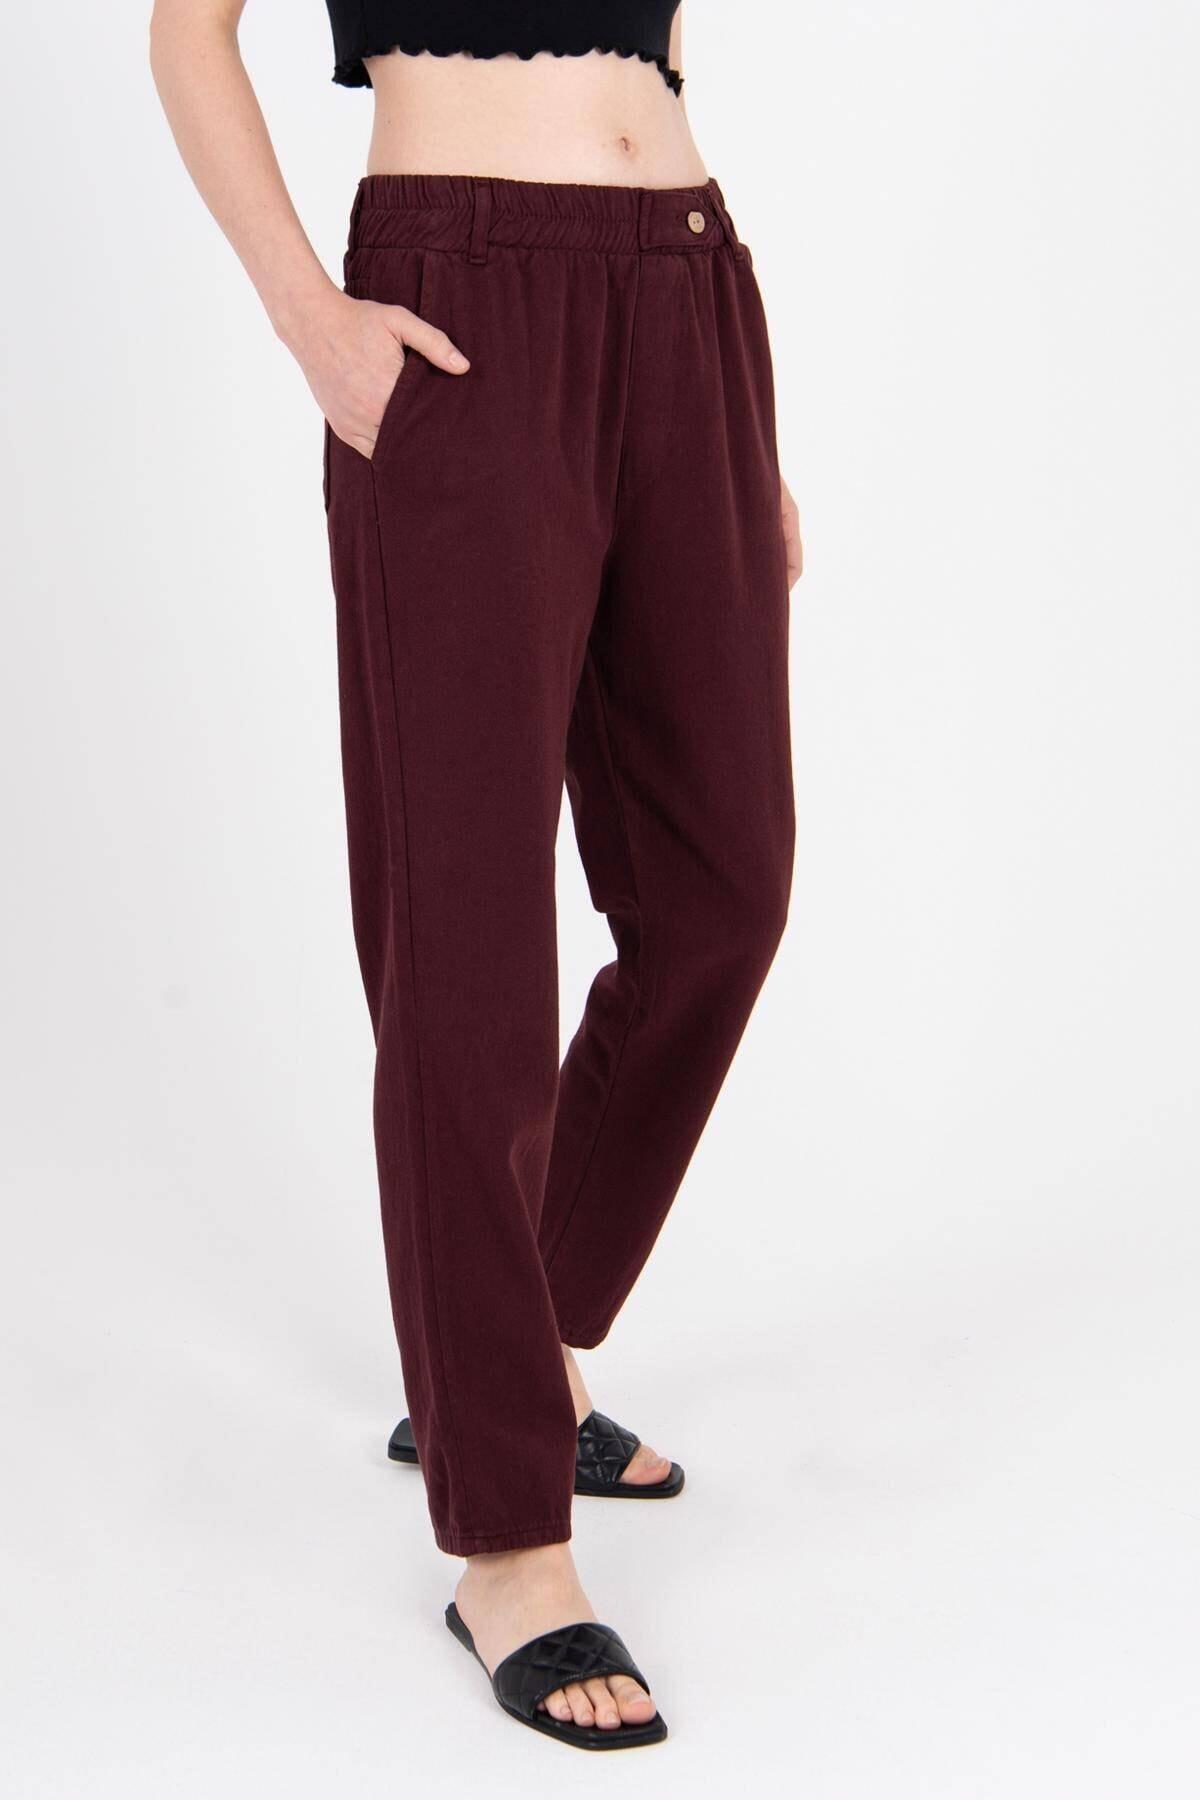 Addax Kadın Bordo Düğme Detaylı Pantolon Pn4191 - Pni ADX-0000021486